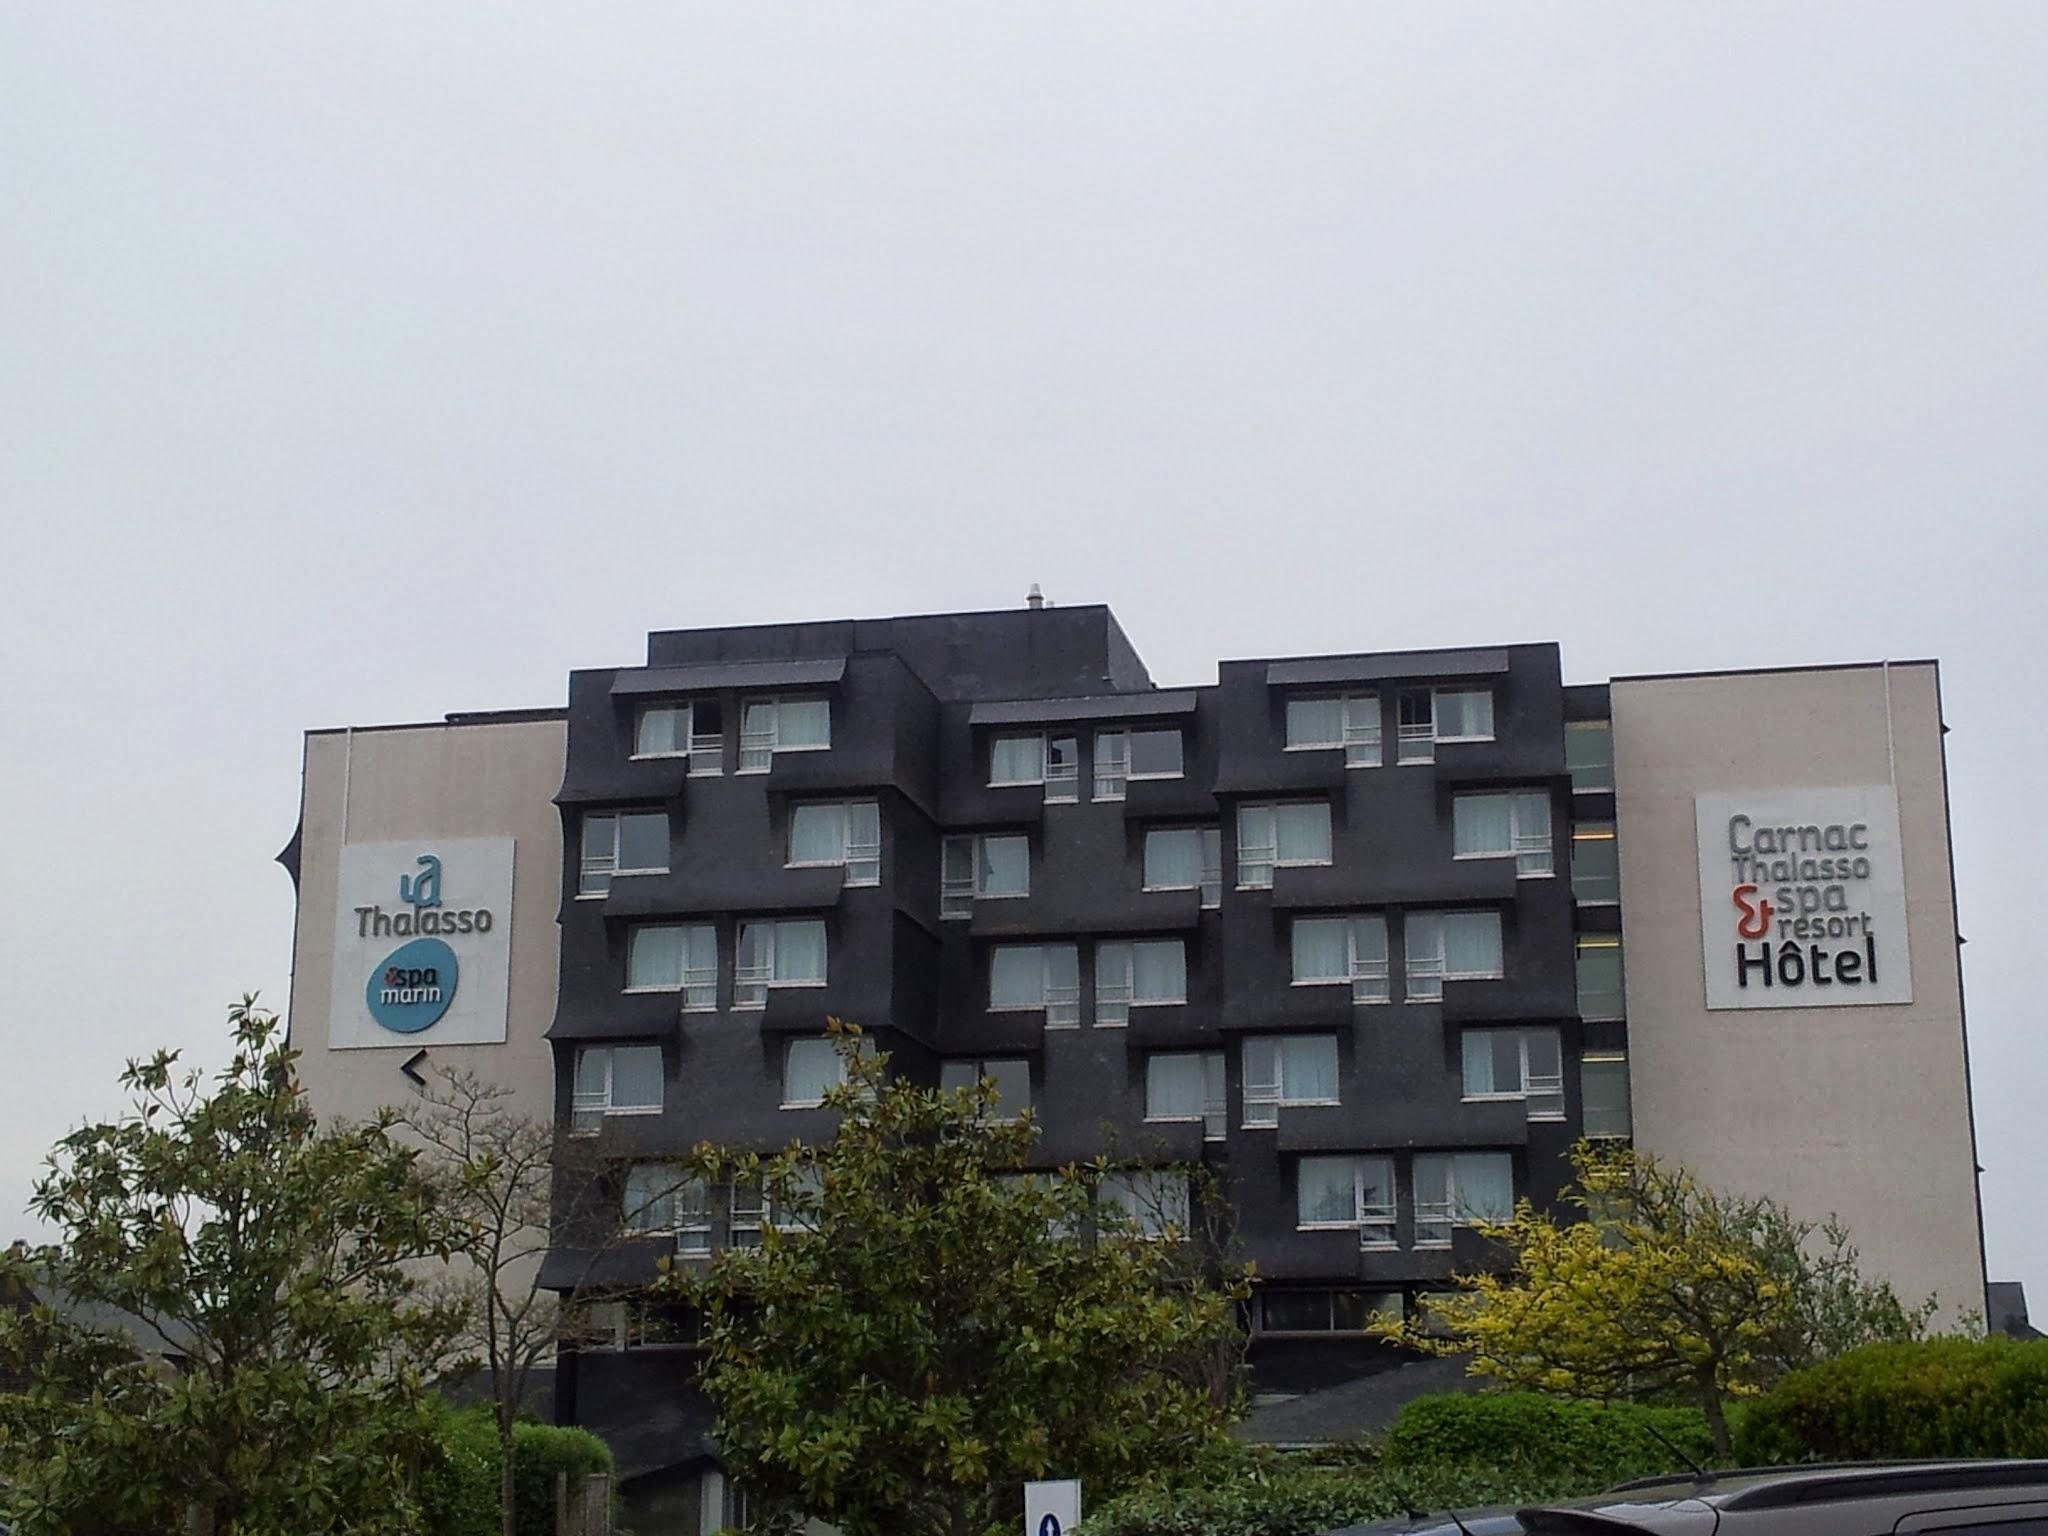 un week end bien tre en famille carnac thalasso spa resort h tel 1 femin 39 elles. Black Bedroom Furniture Sets. Home Design Ideas